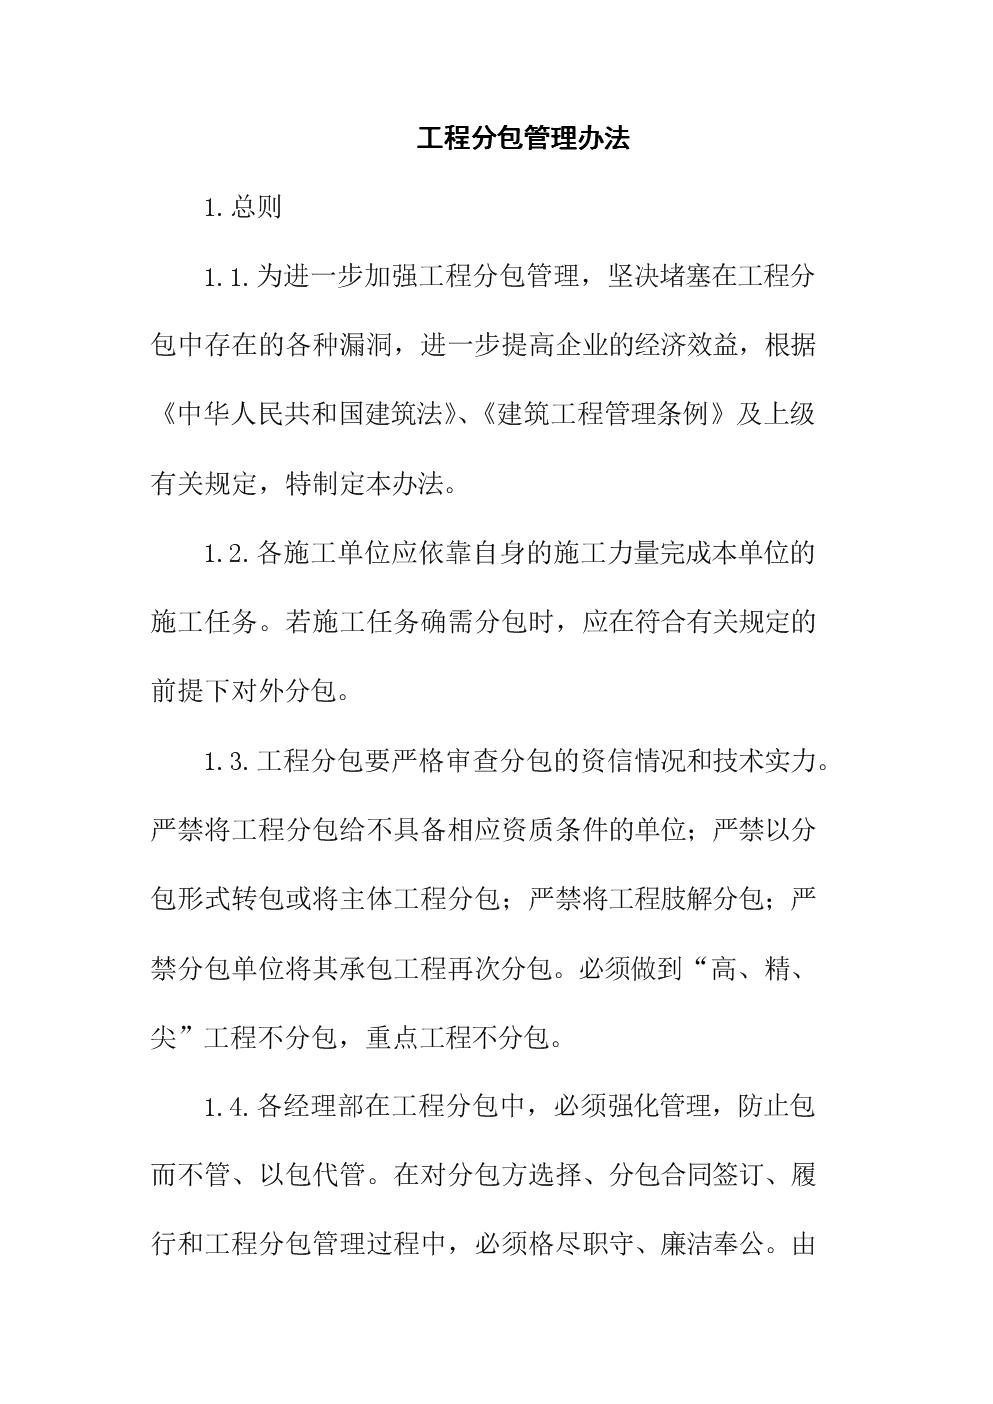 工程分包管理办法资料学习.doc